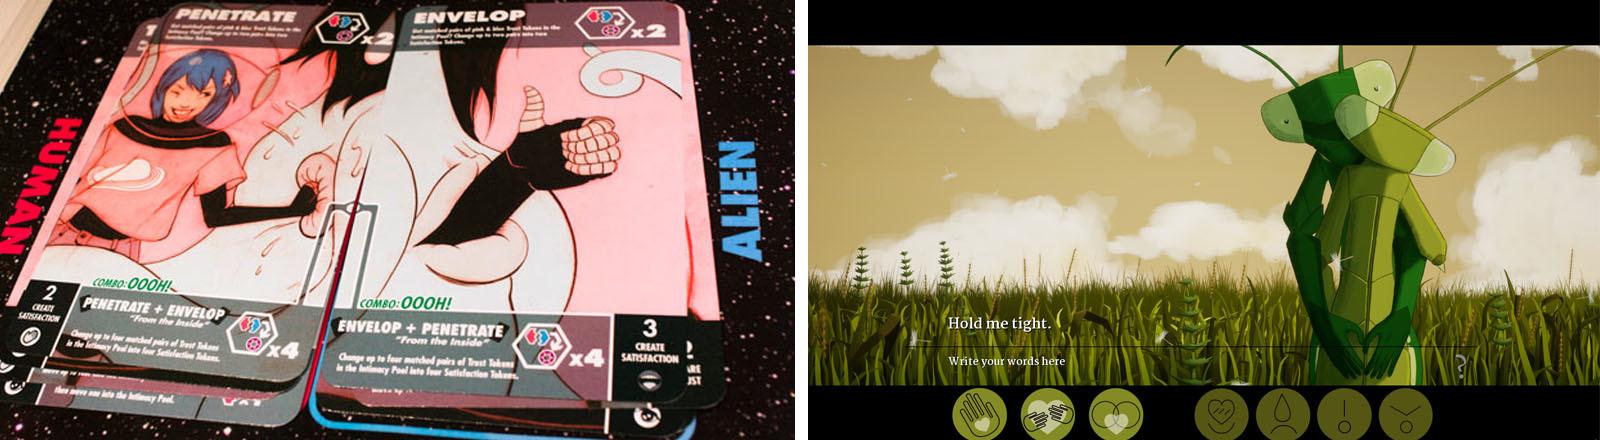 """Zwei Spielkarten des Kartenspiels """"Consentacle"""" / Zwei Gottesanbeterinnen umarmen sich (Screenshot des Games """"Don't Make Love"""")"""